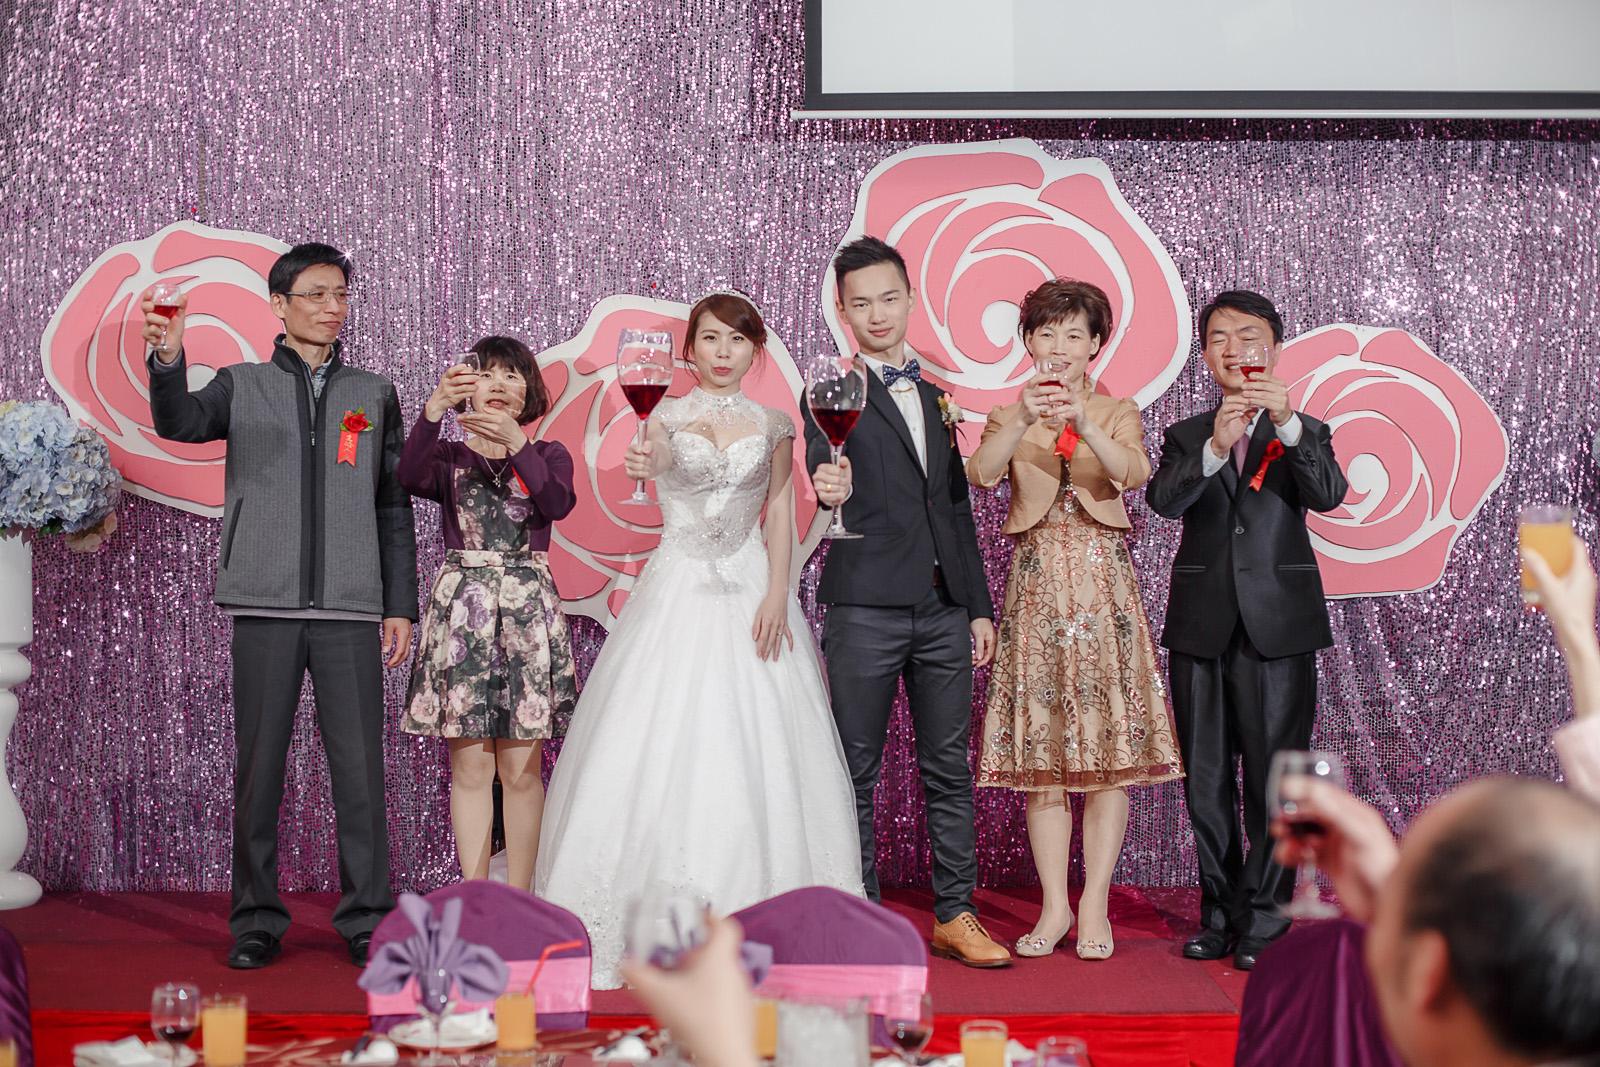 高雄圓山飯店,婚禮攝影,婚攝,高雄婚攝,優質婚攝推薦,Jen&Ethan-262